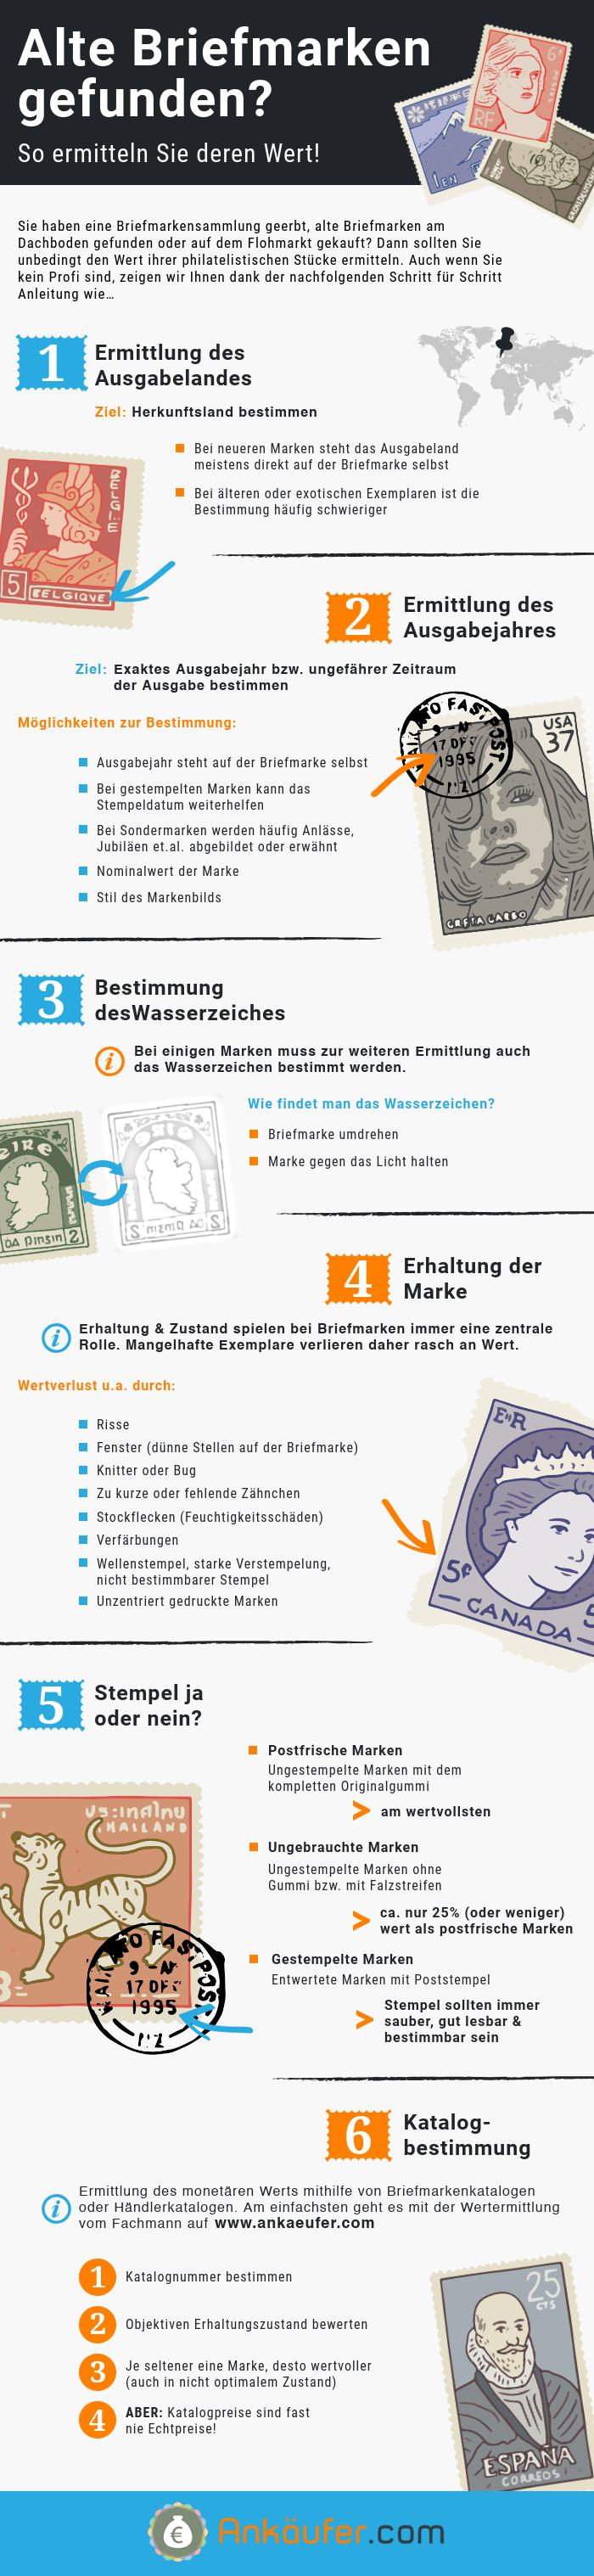 Briefmarken wert herausfinden in 6 schritten